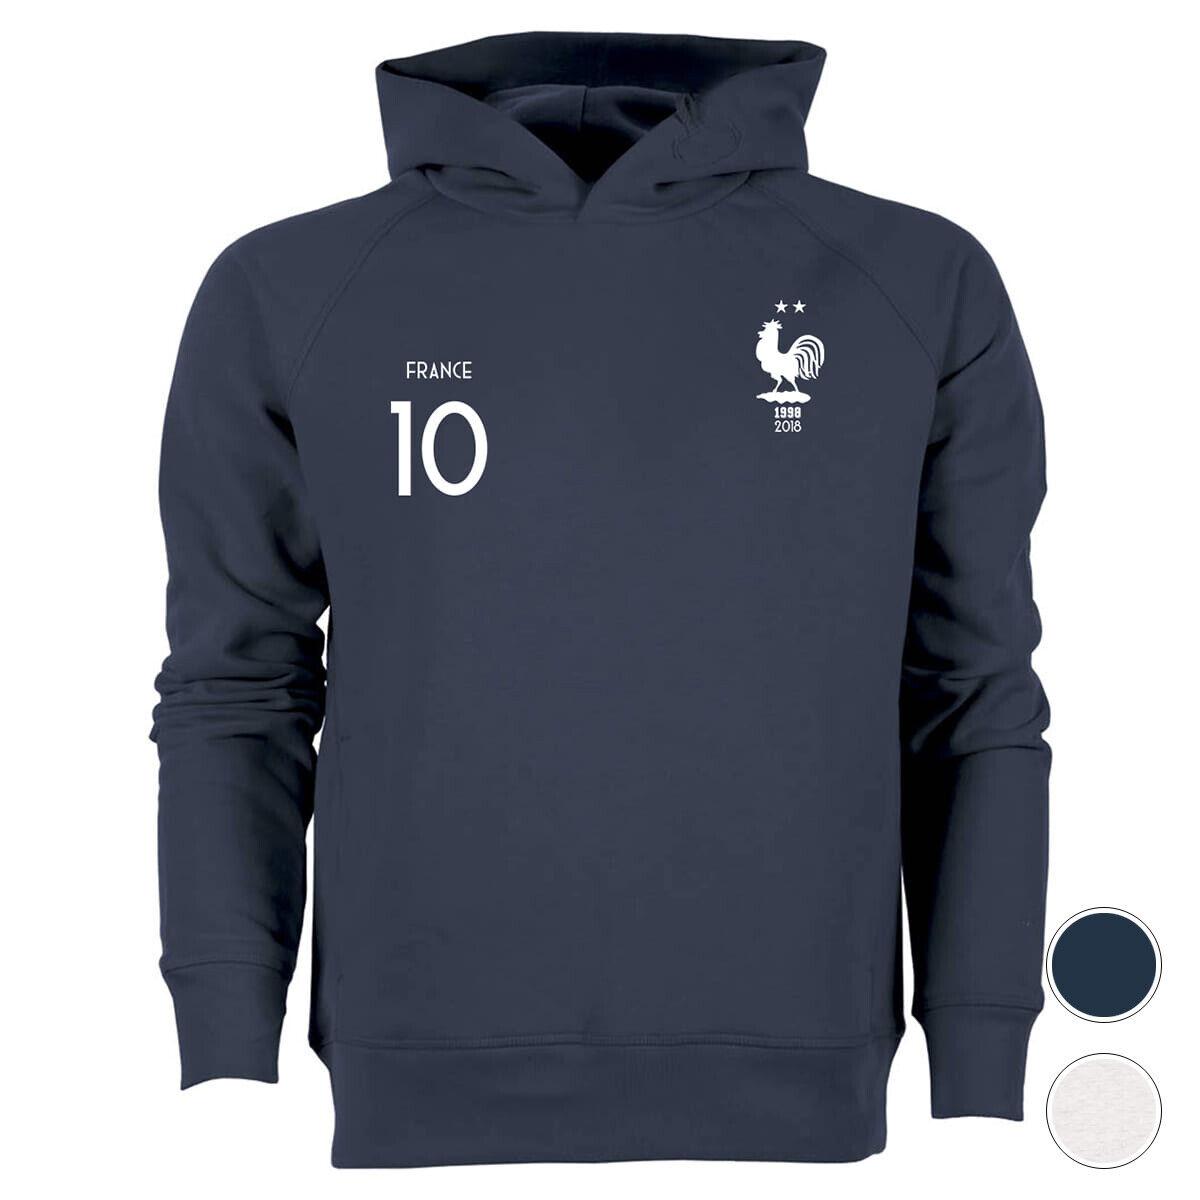 Hoodie 2 ÉTOILES 10 Mbappe    équipe de France football maillot euro 2020  precios bajos todos los dias